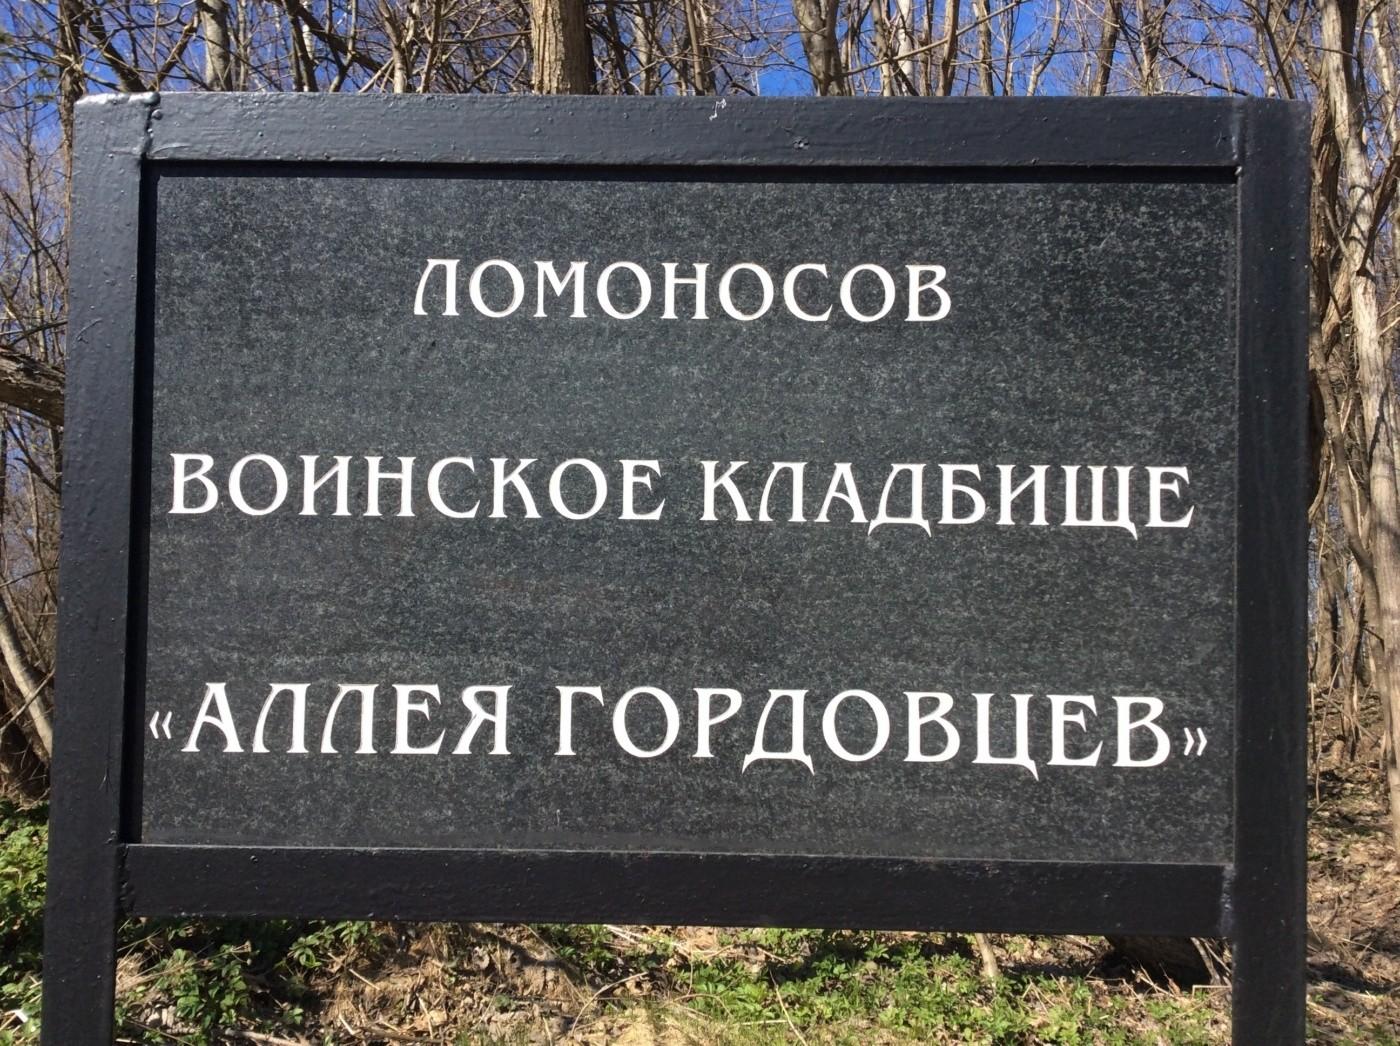 Аллея Гордовцев. Воинское кладбище